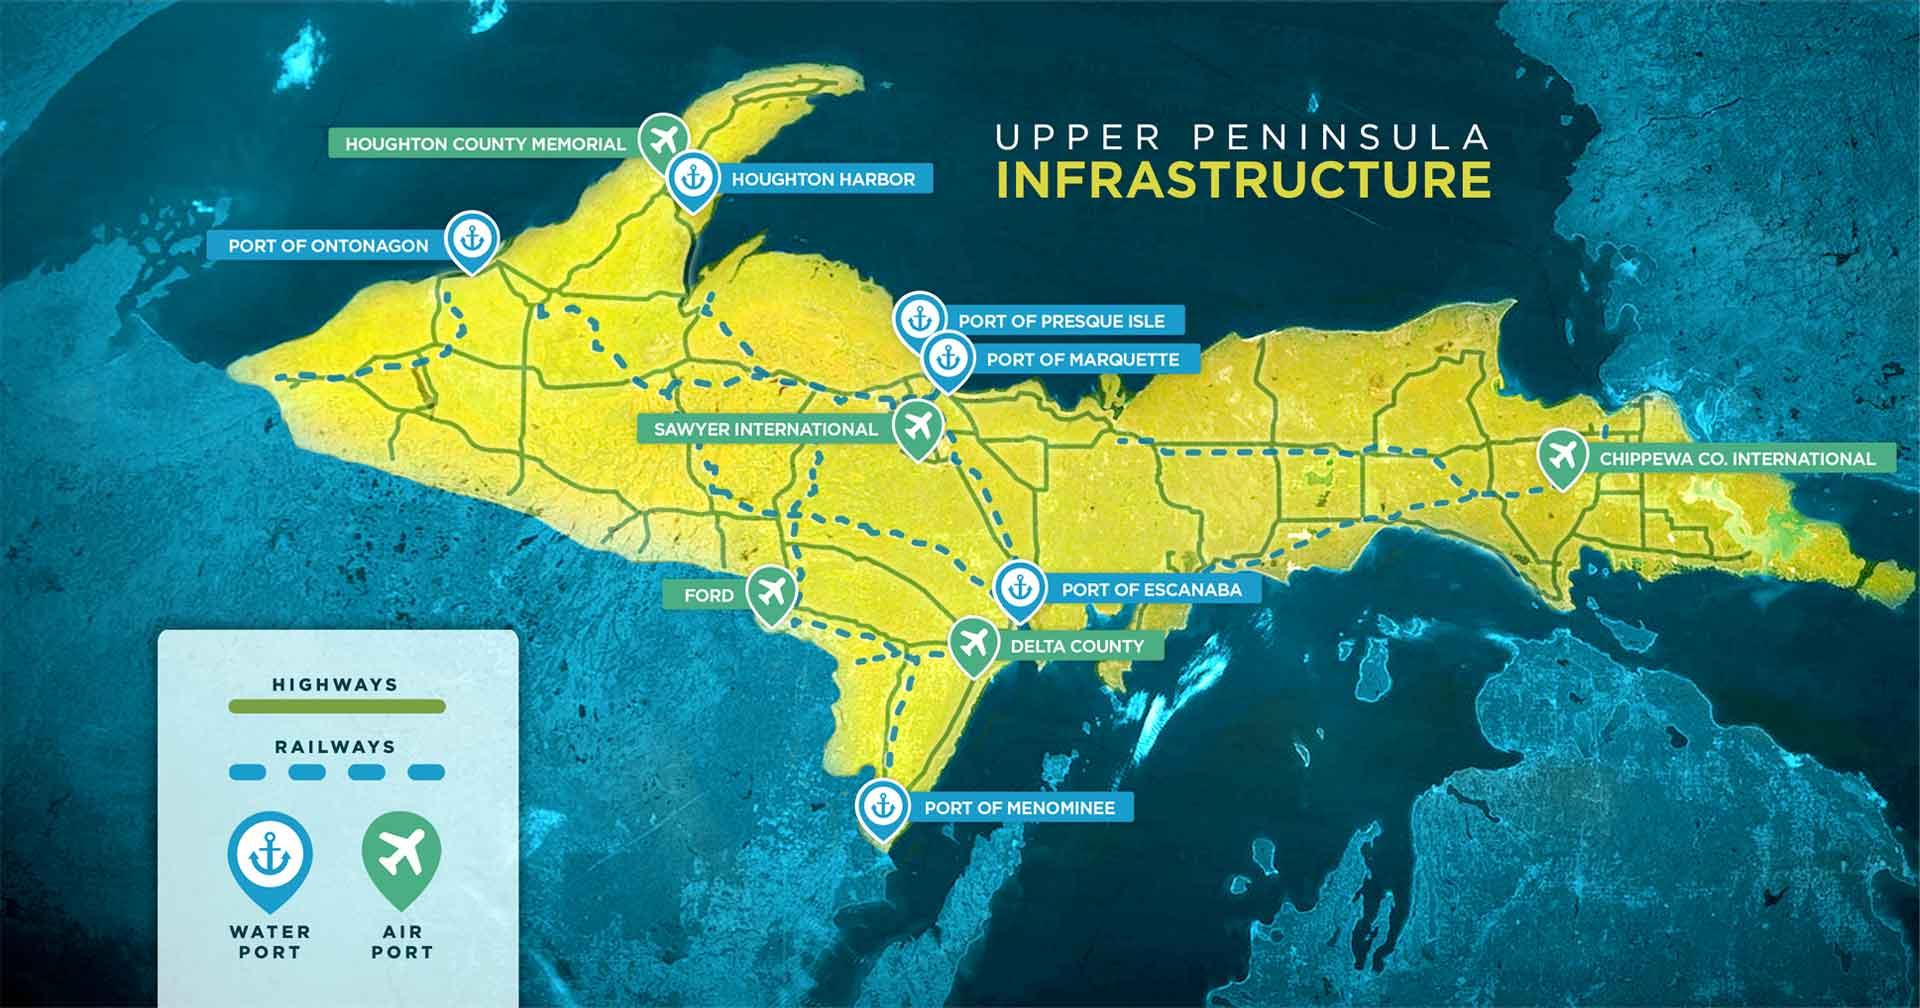 Infrastructure full